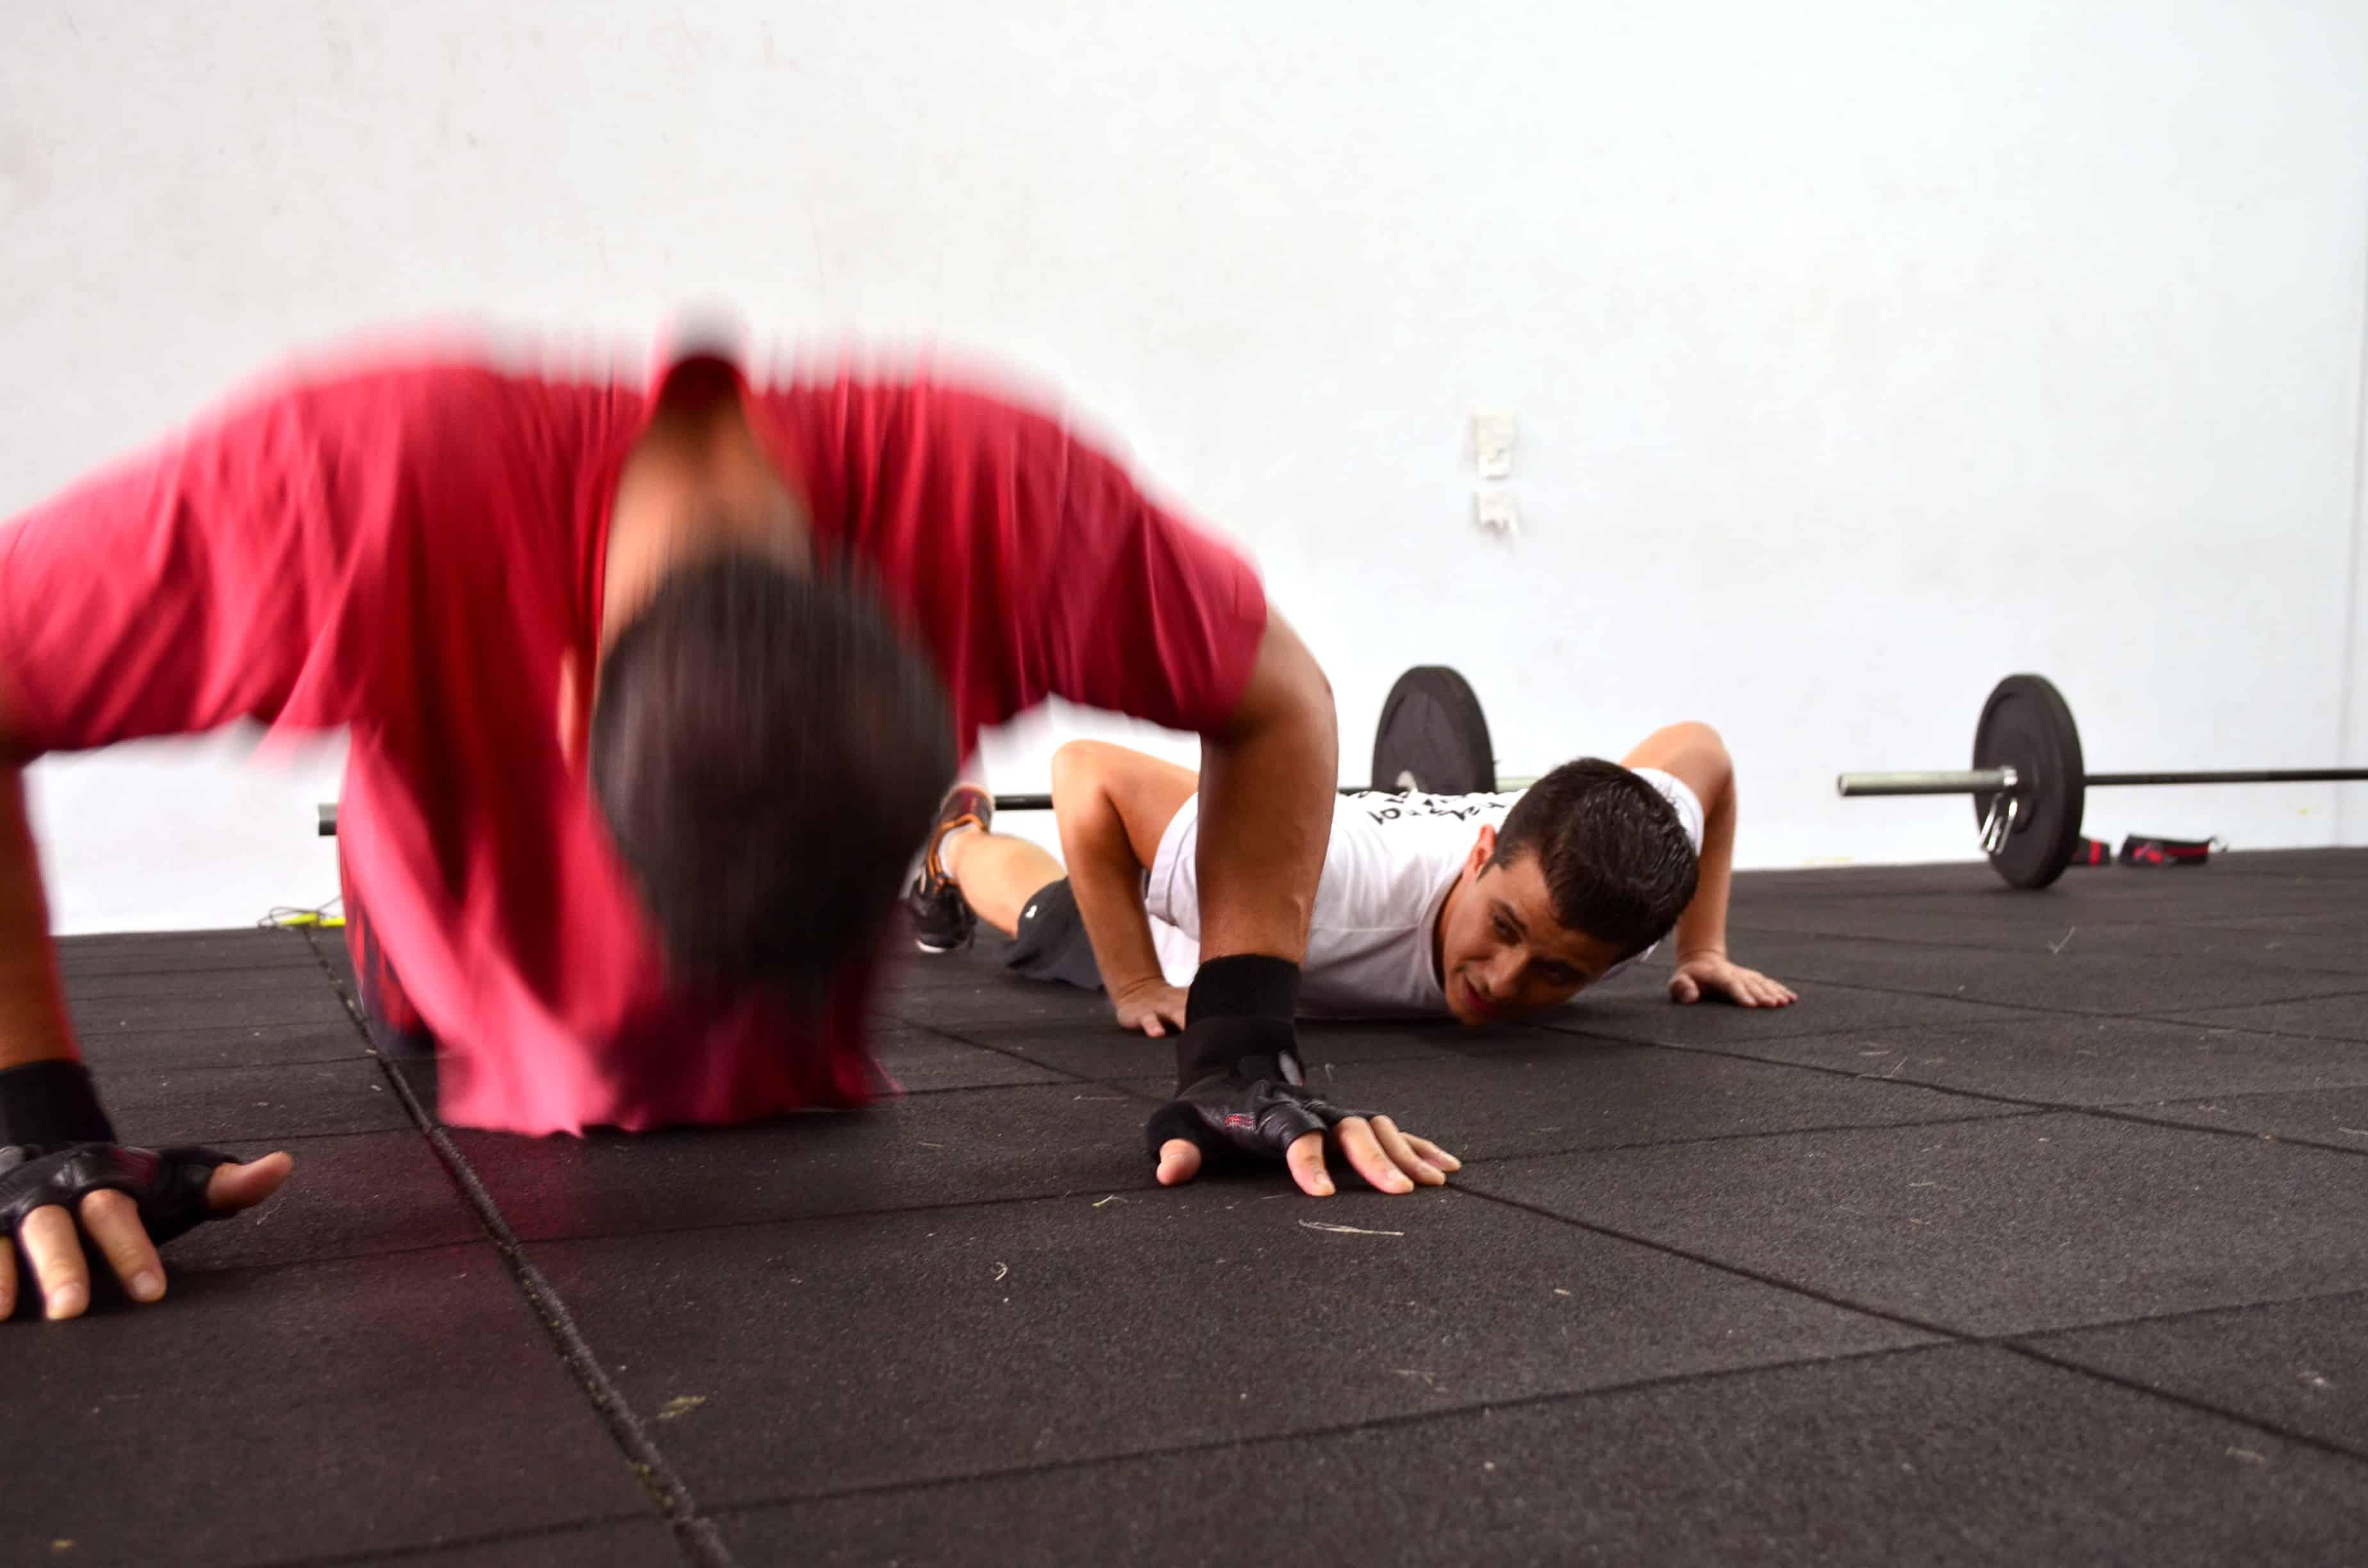 ذلك الألم الشديد في العضلات في اليوم التالي لممارسة التمارين الرياضية، ما سببه؟